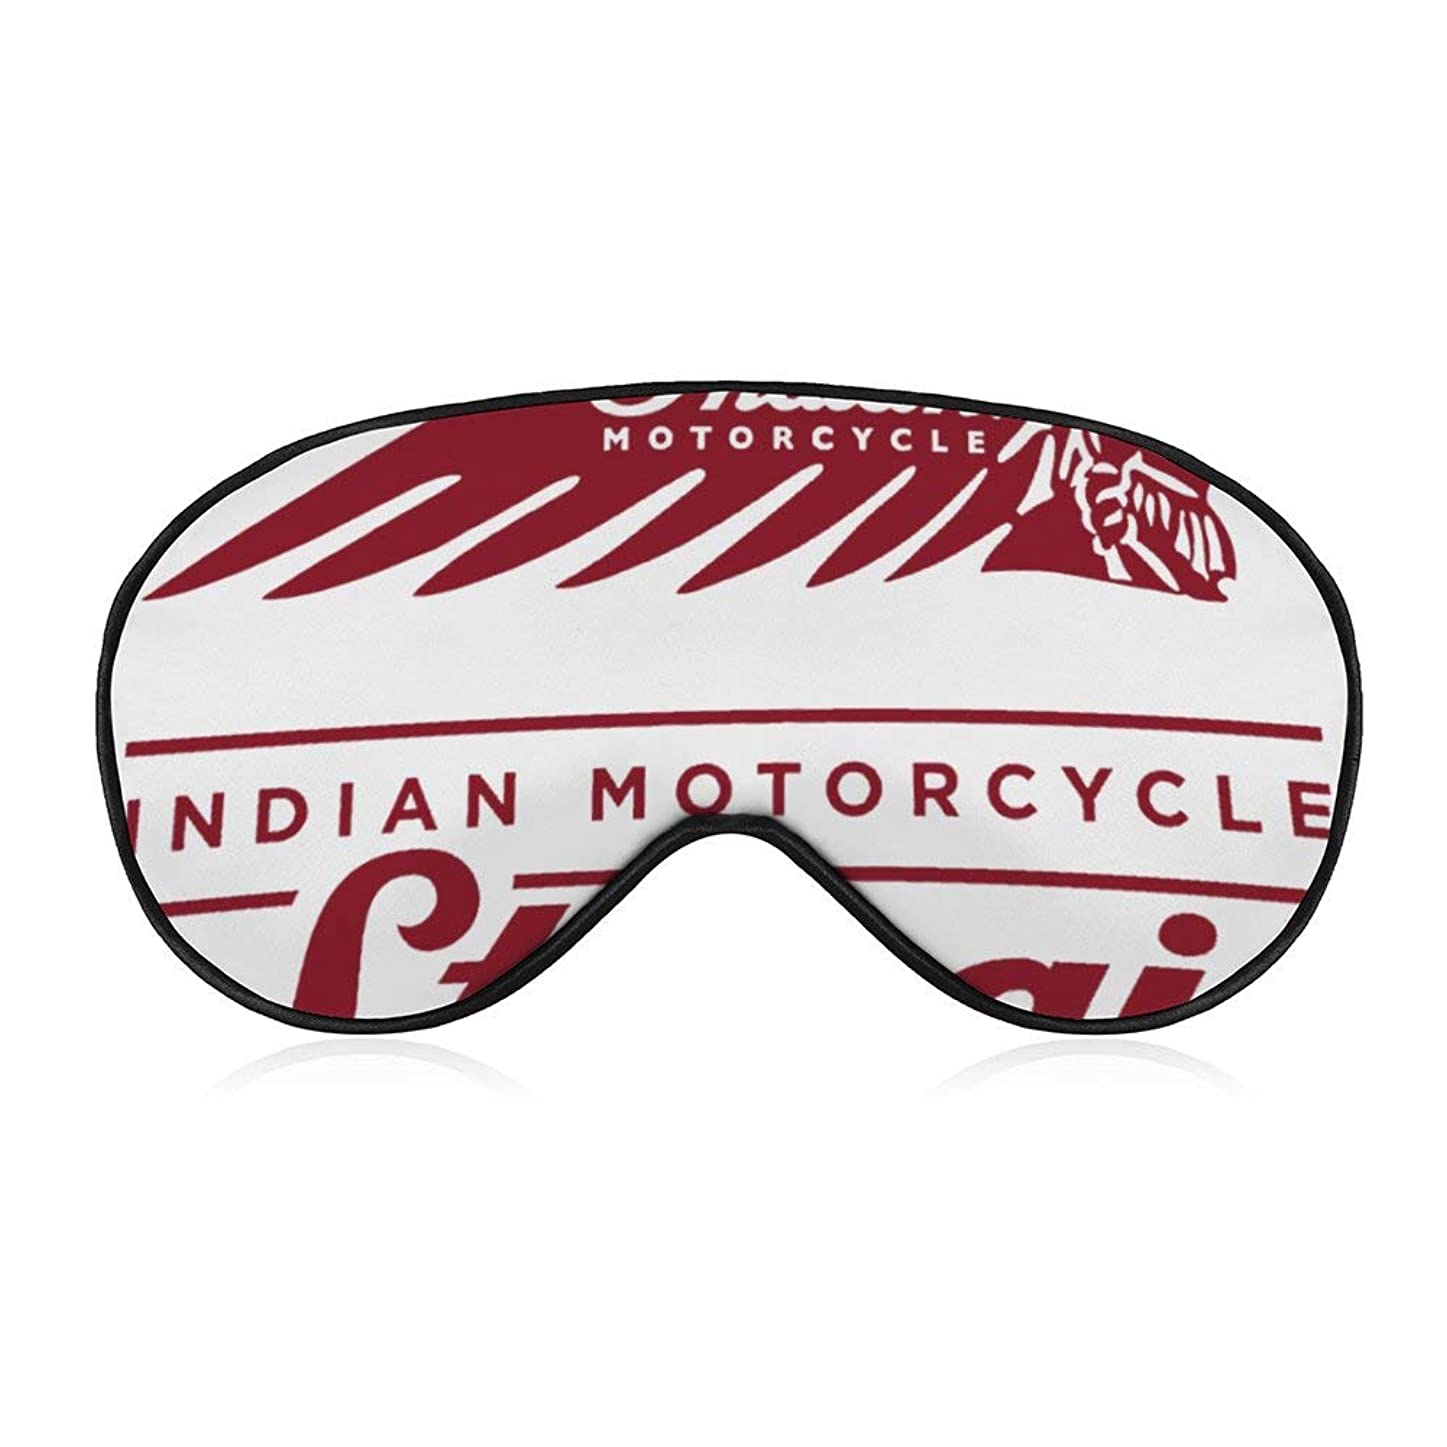 欺グリップ種をまくインディアン モーターサイクル(2) 女性男性ファッションライトブロックスリープアイマスク、柔らかく快適な目隠しアイカバー旅行/瞑想/シフト作業